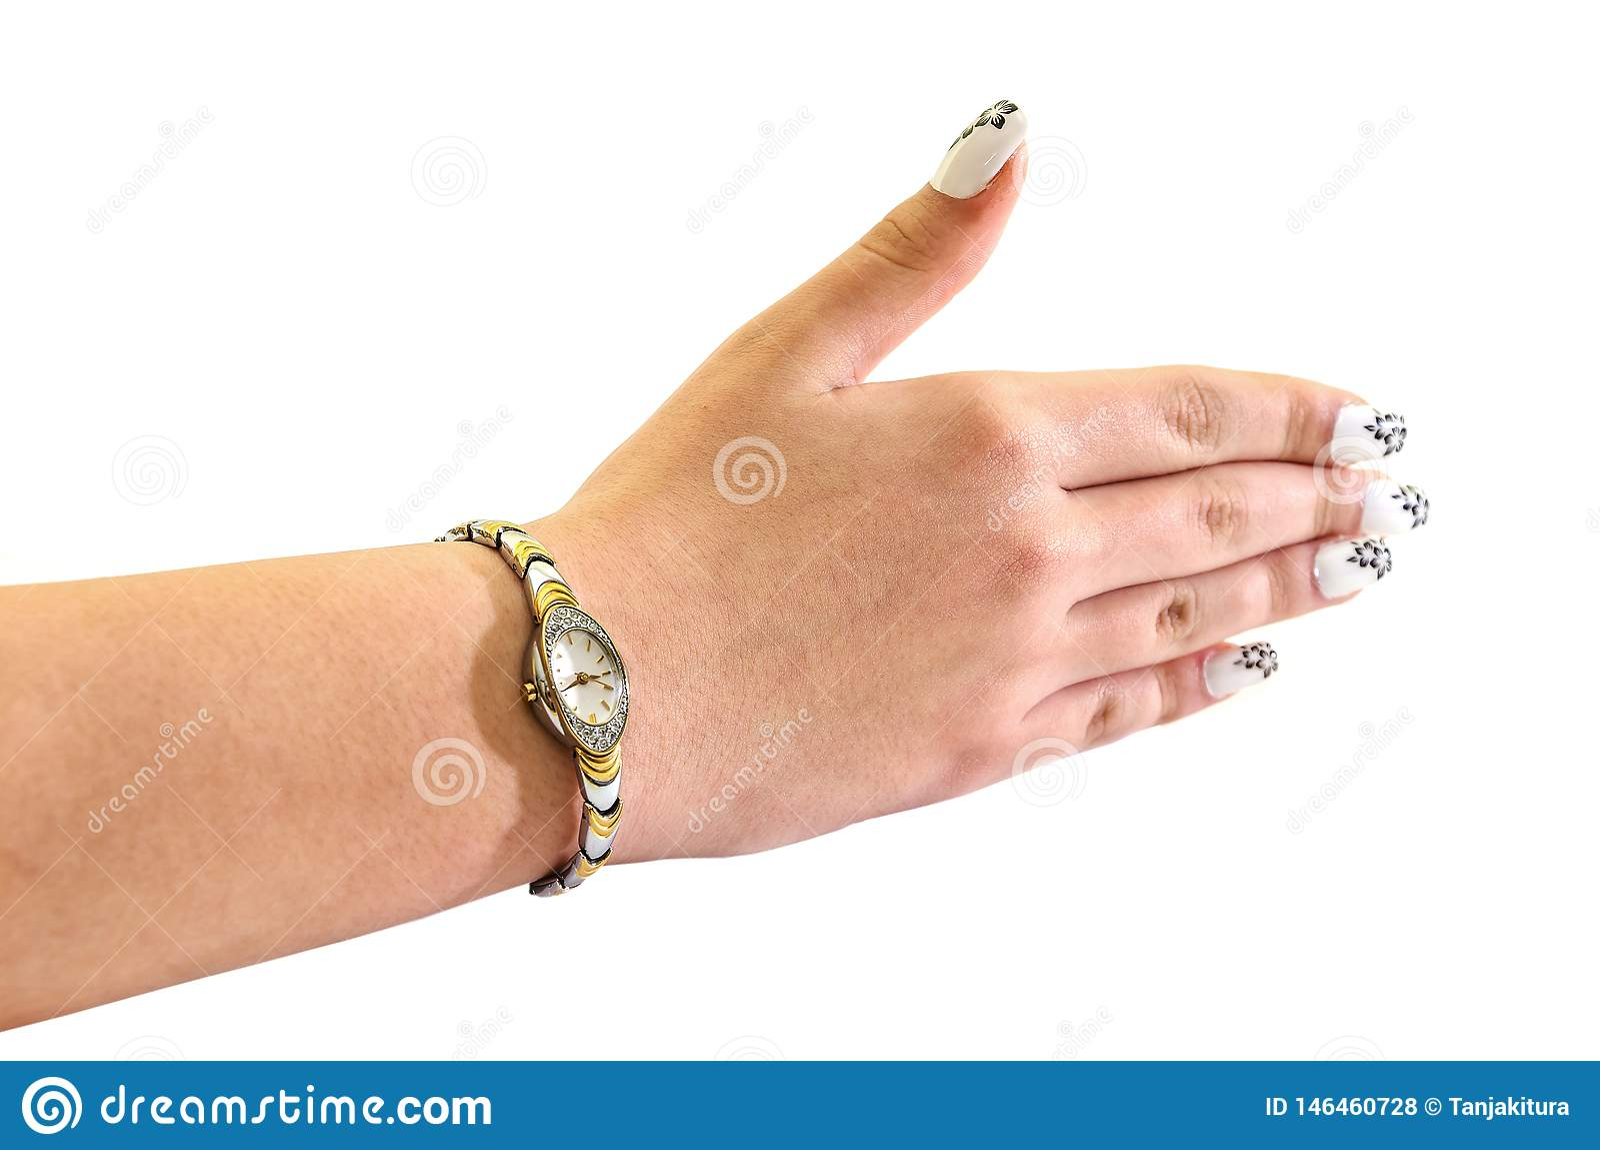 Os relógios de pulso das mulheres com um bracelete em sua mão, isolada contra o fundo branco